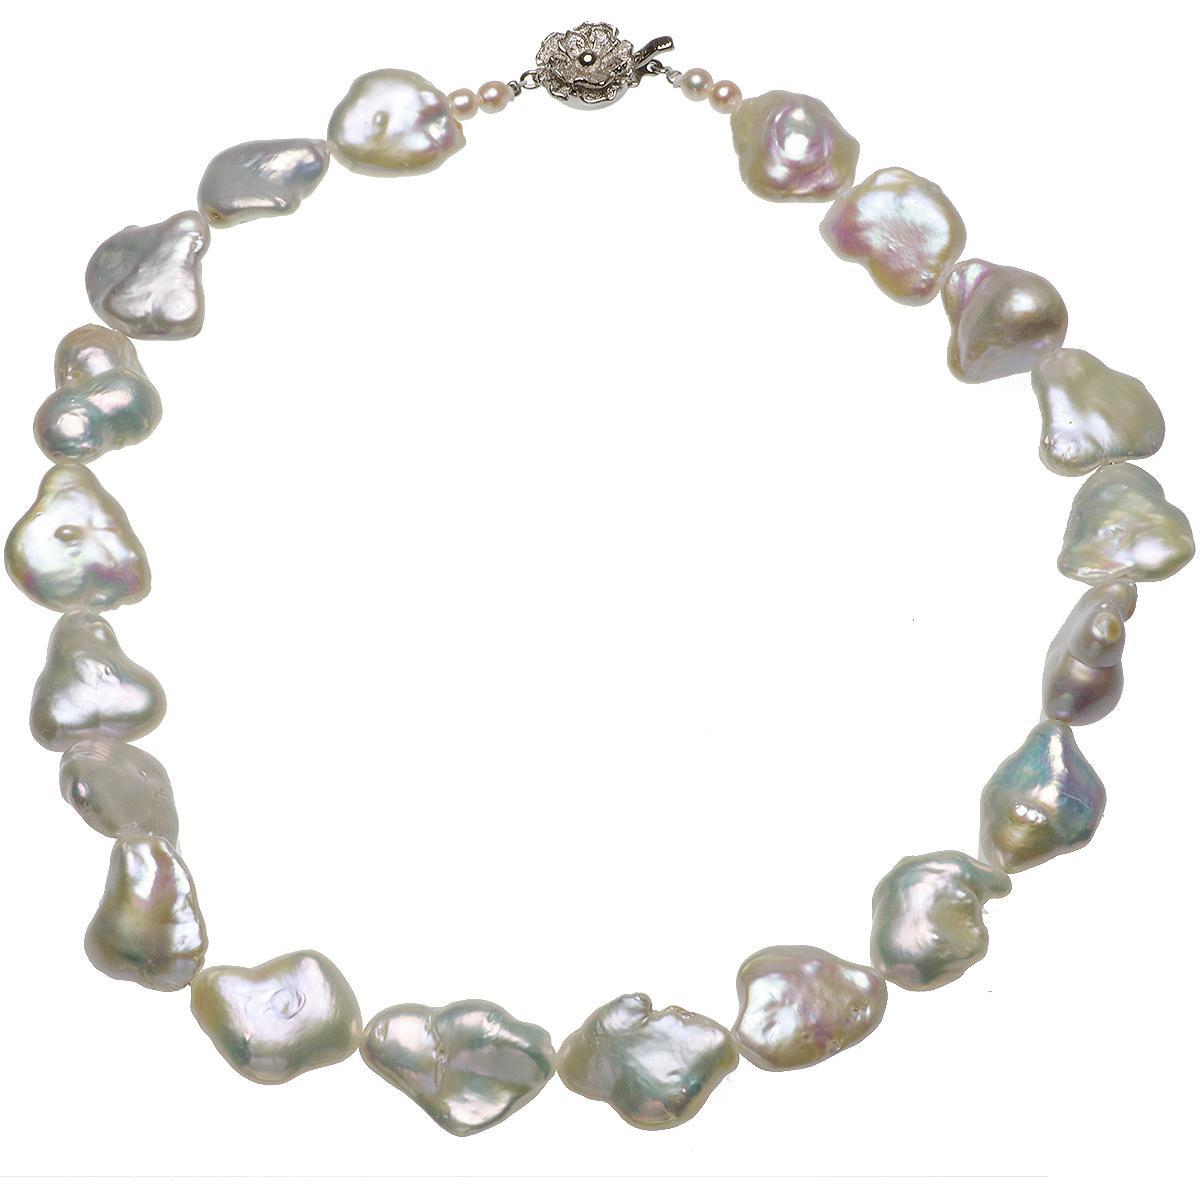 淡水真珠 バロック ネックレス 15.0-19.0mmの写真